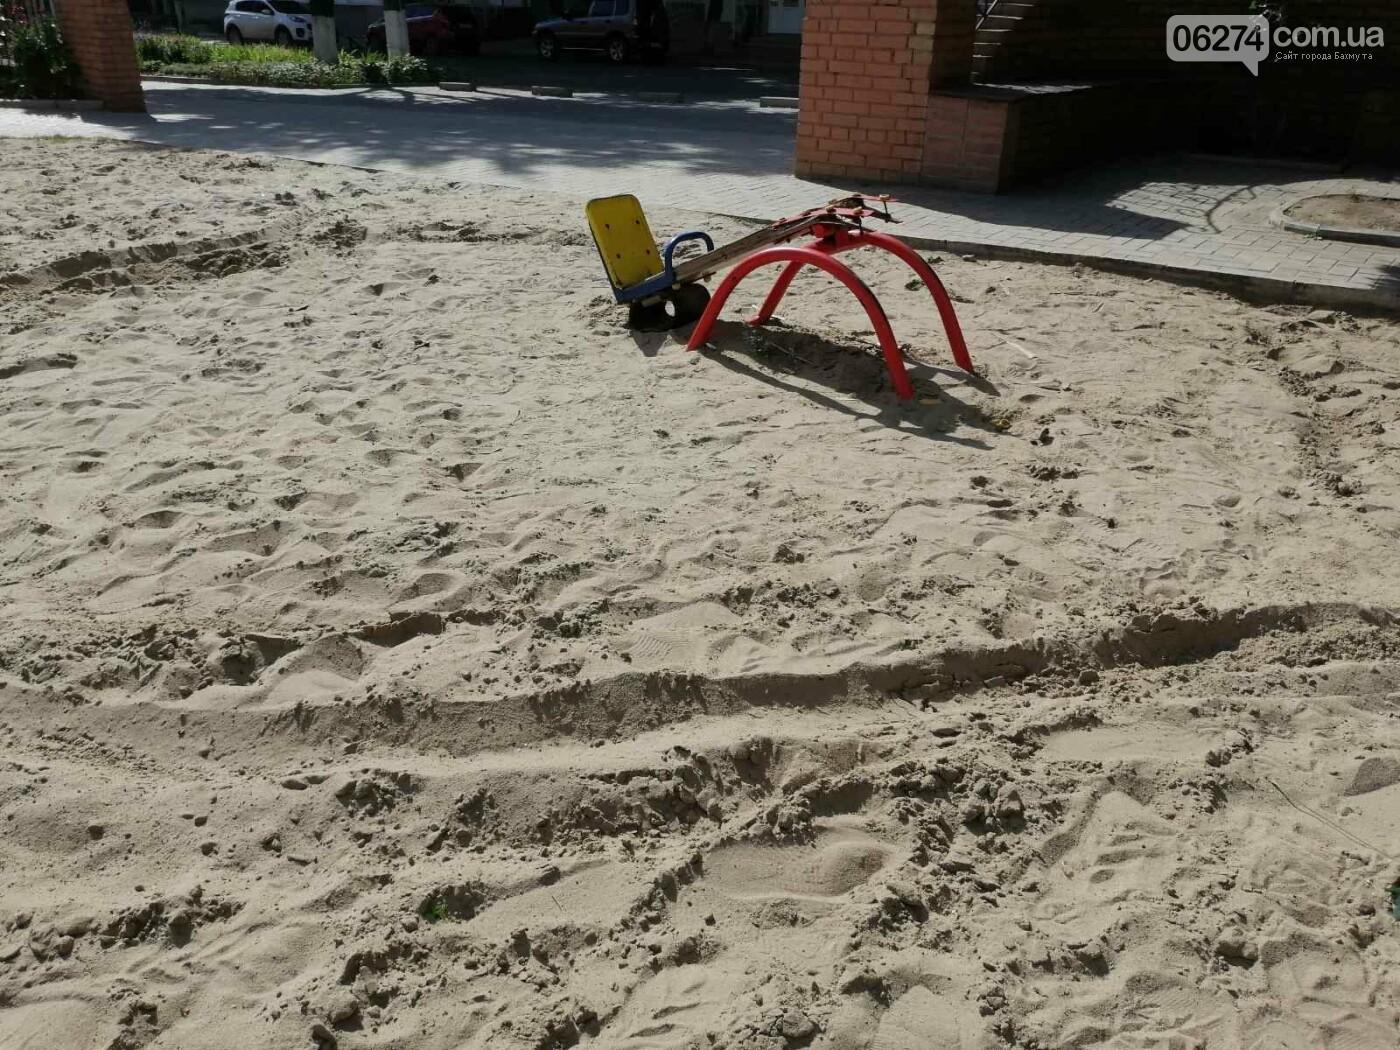 В Бахмуте вандалы продолжают разрушать детские площадки, фото-1